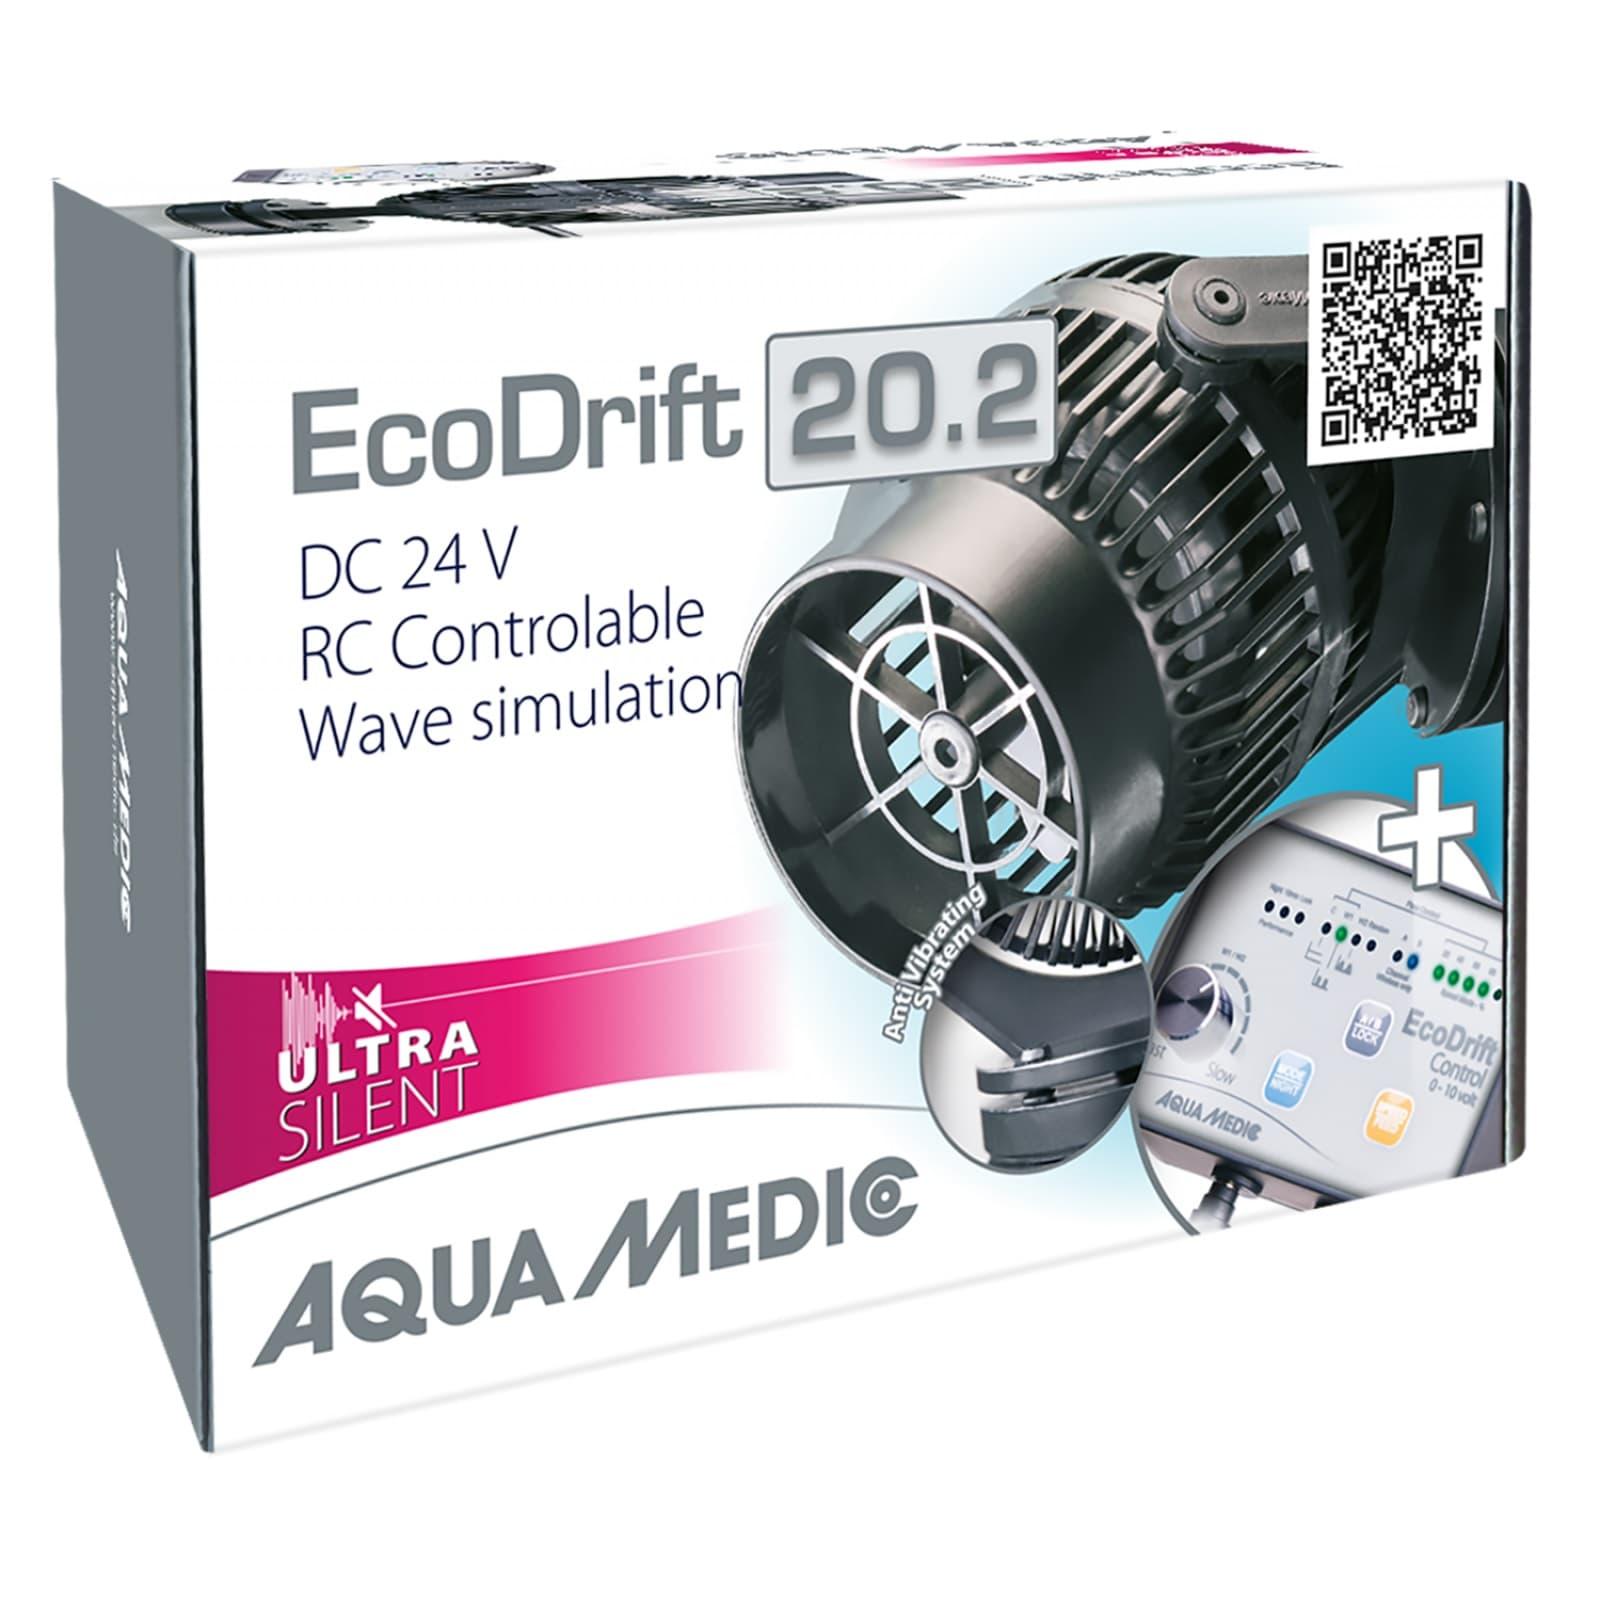 AQUA MEDIC ECODrift 20.2 Ultra Silent pompe de brassage 4000 à 20000 L/h avec contrôleur électronique pour aquarium jusqu\' à 2000L